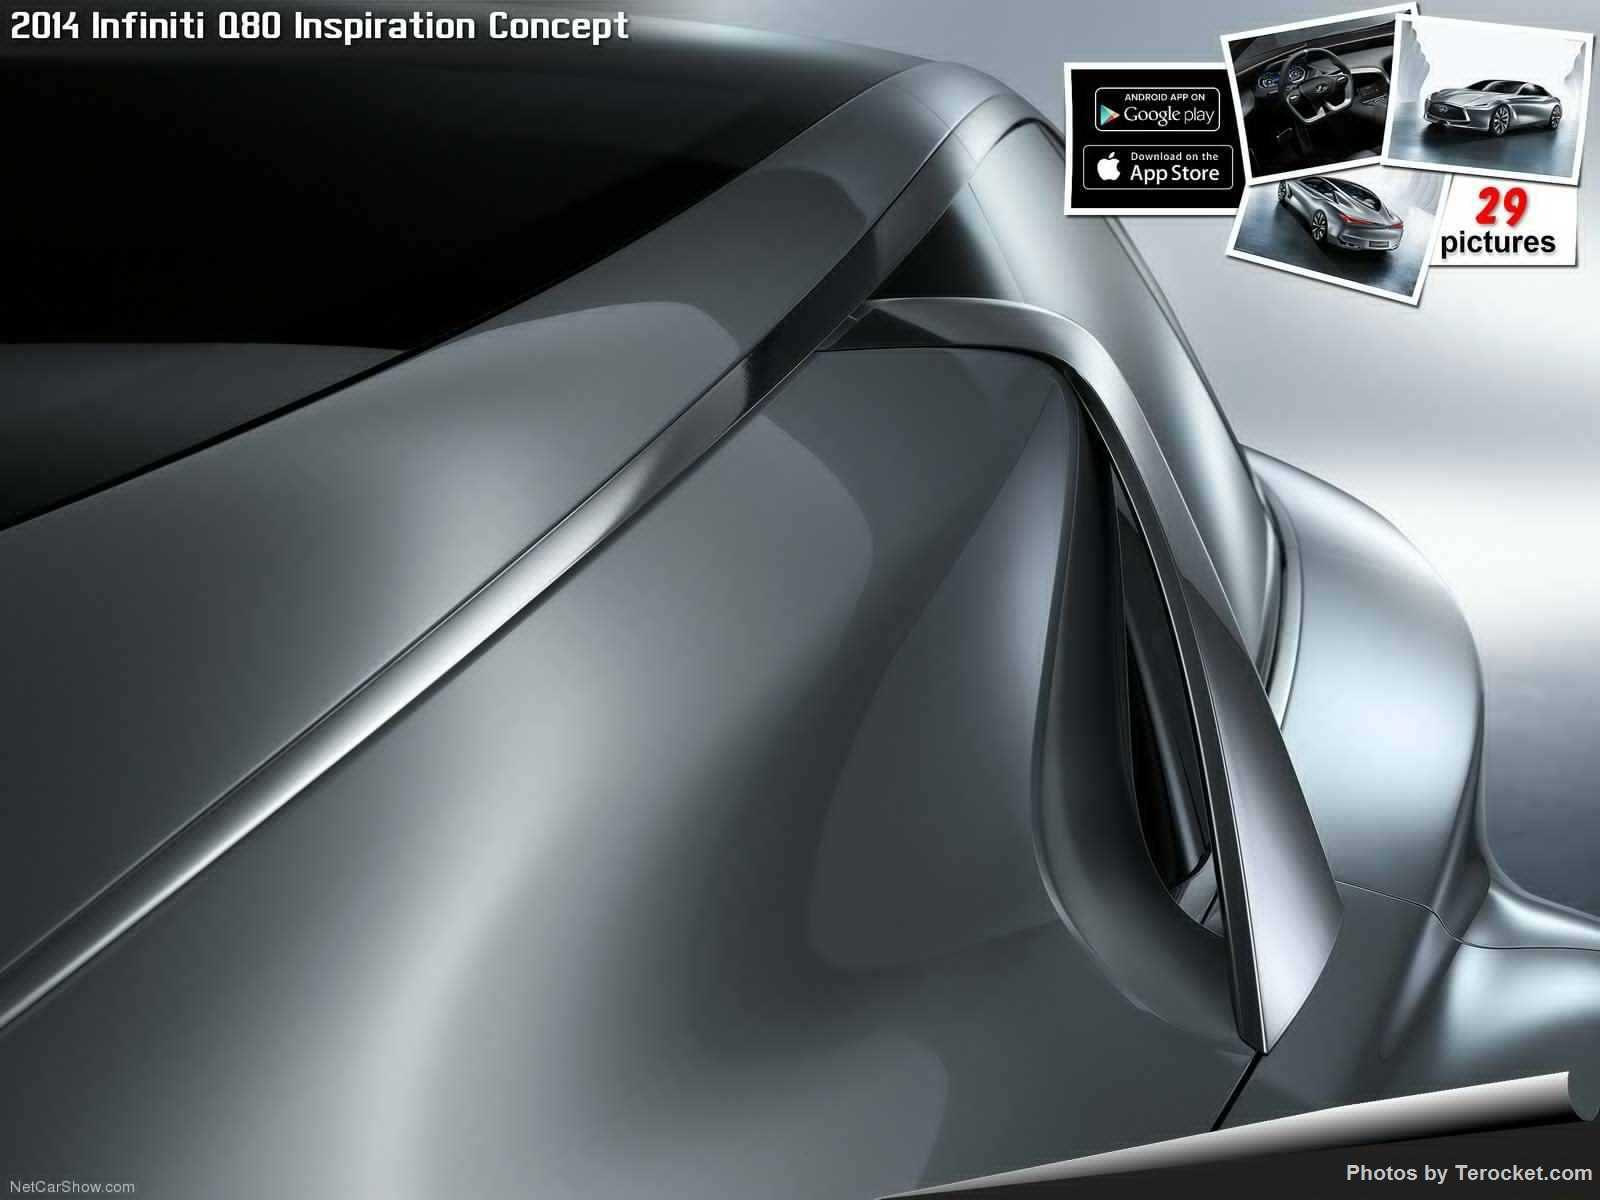 Hình ảnh xe ô tô Infiniti Q80 Inspiration Concept 2014 & nội ngoại thất